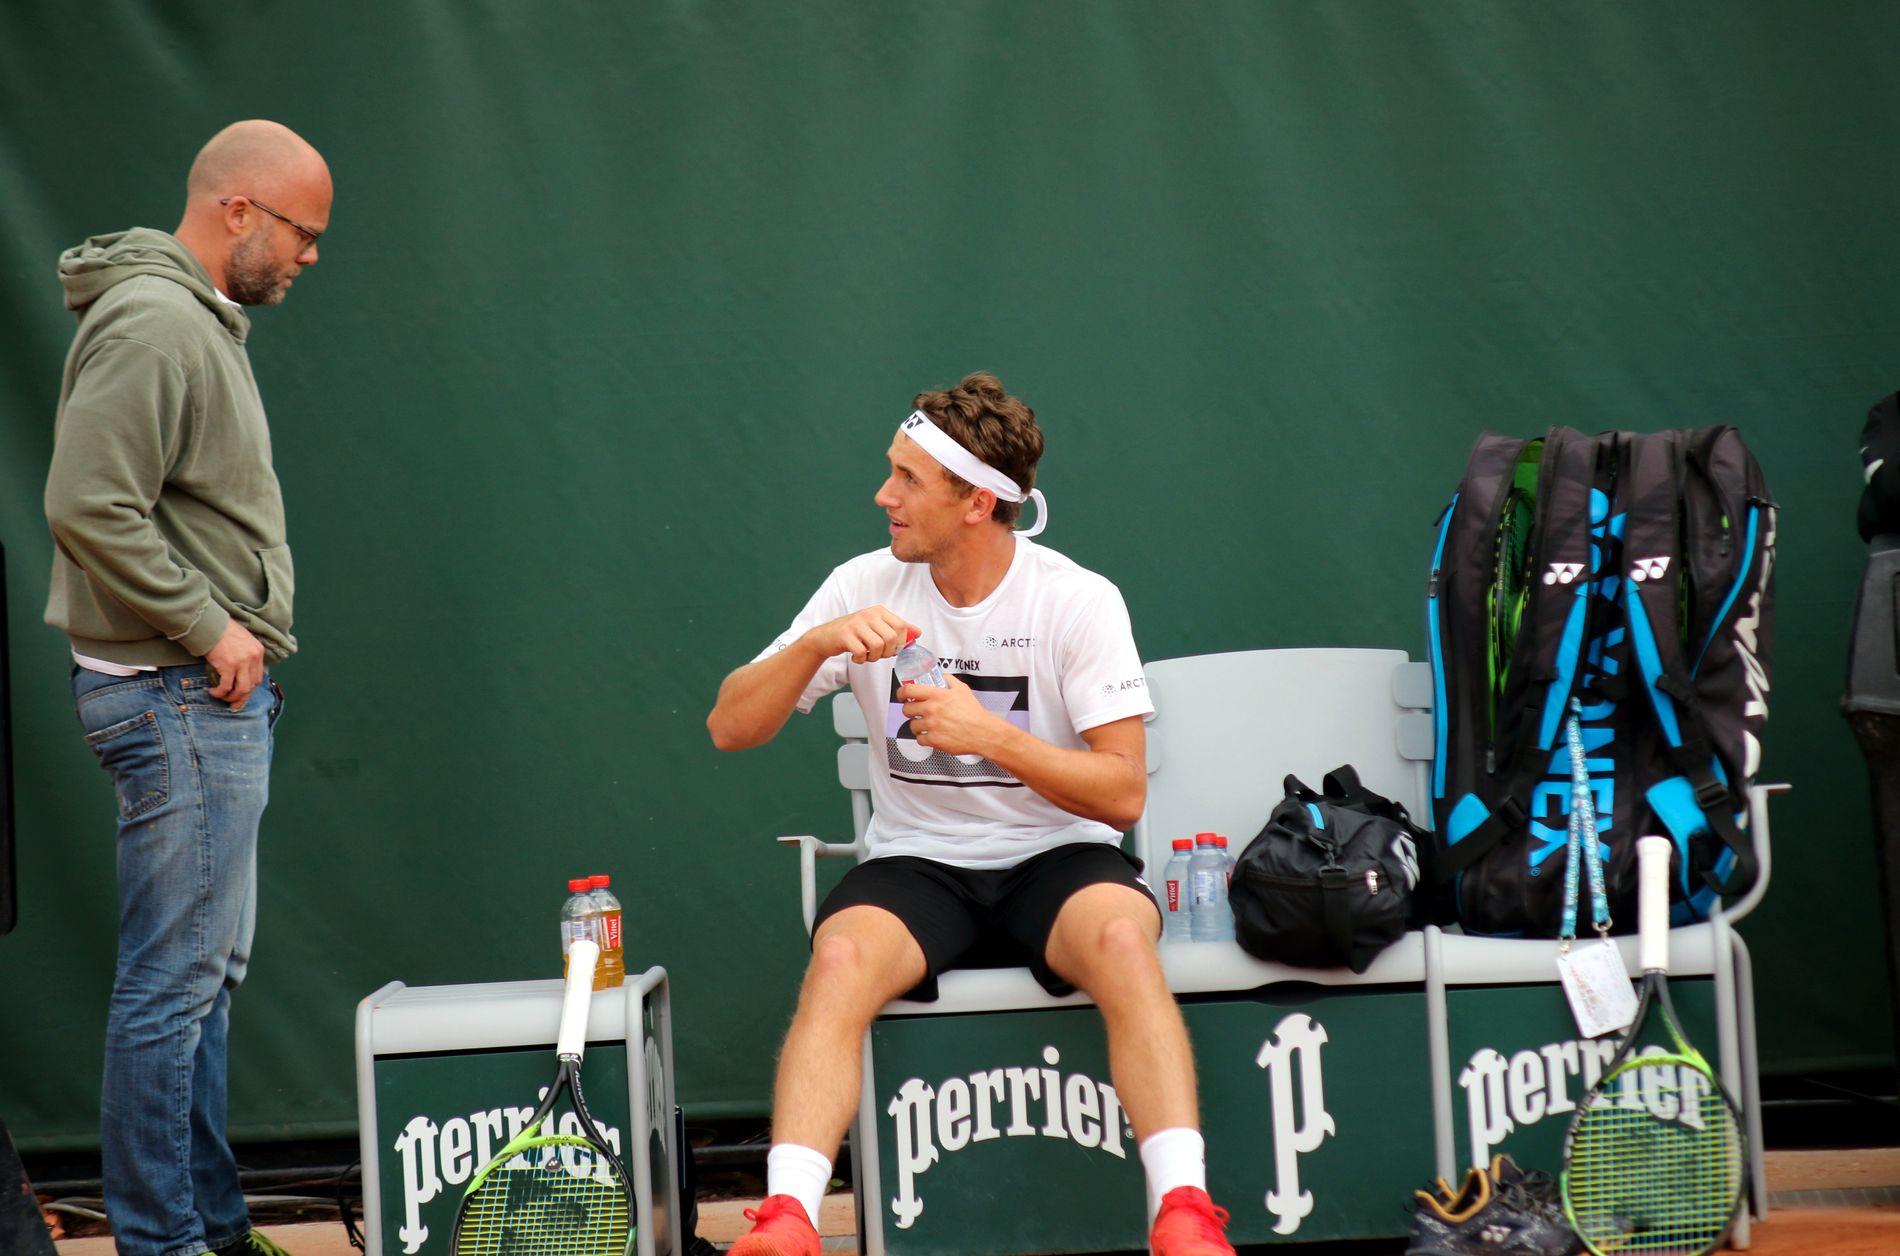 Casper Ruud er klar. På trening torsdag visste mentaltrener Erik Bertrand Larssen at tennisspilleren har kontroll på følelsene sine. Det er viktig foran møtet med en legende.